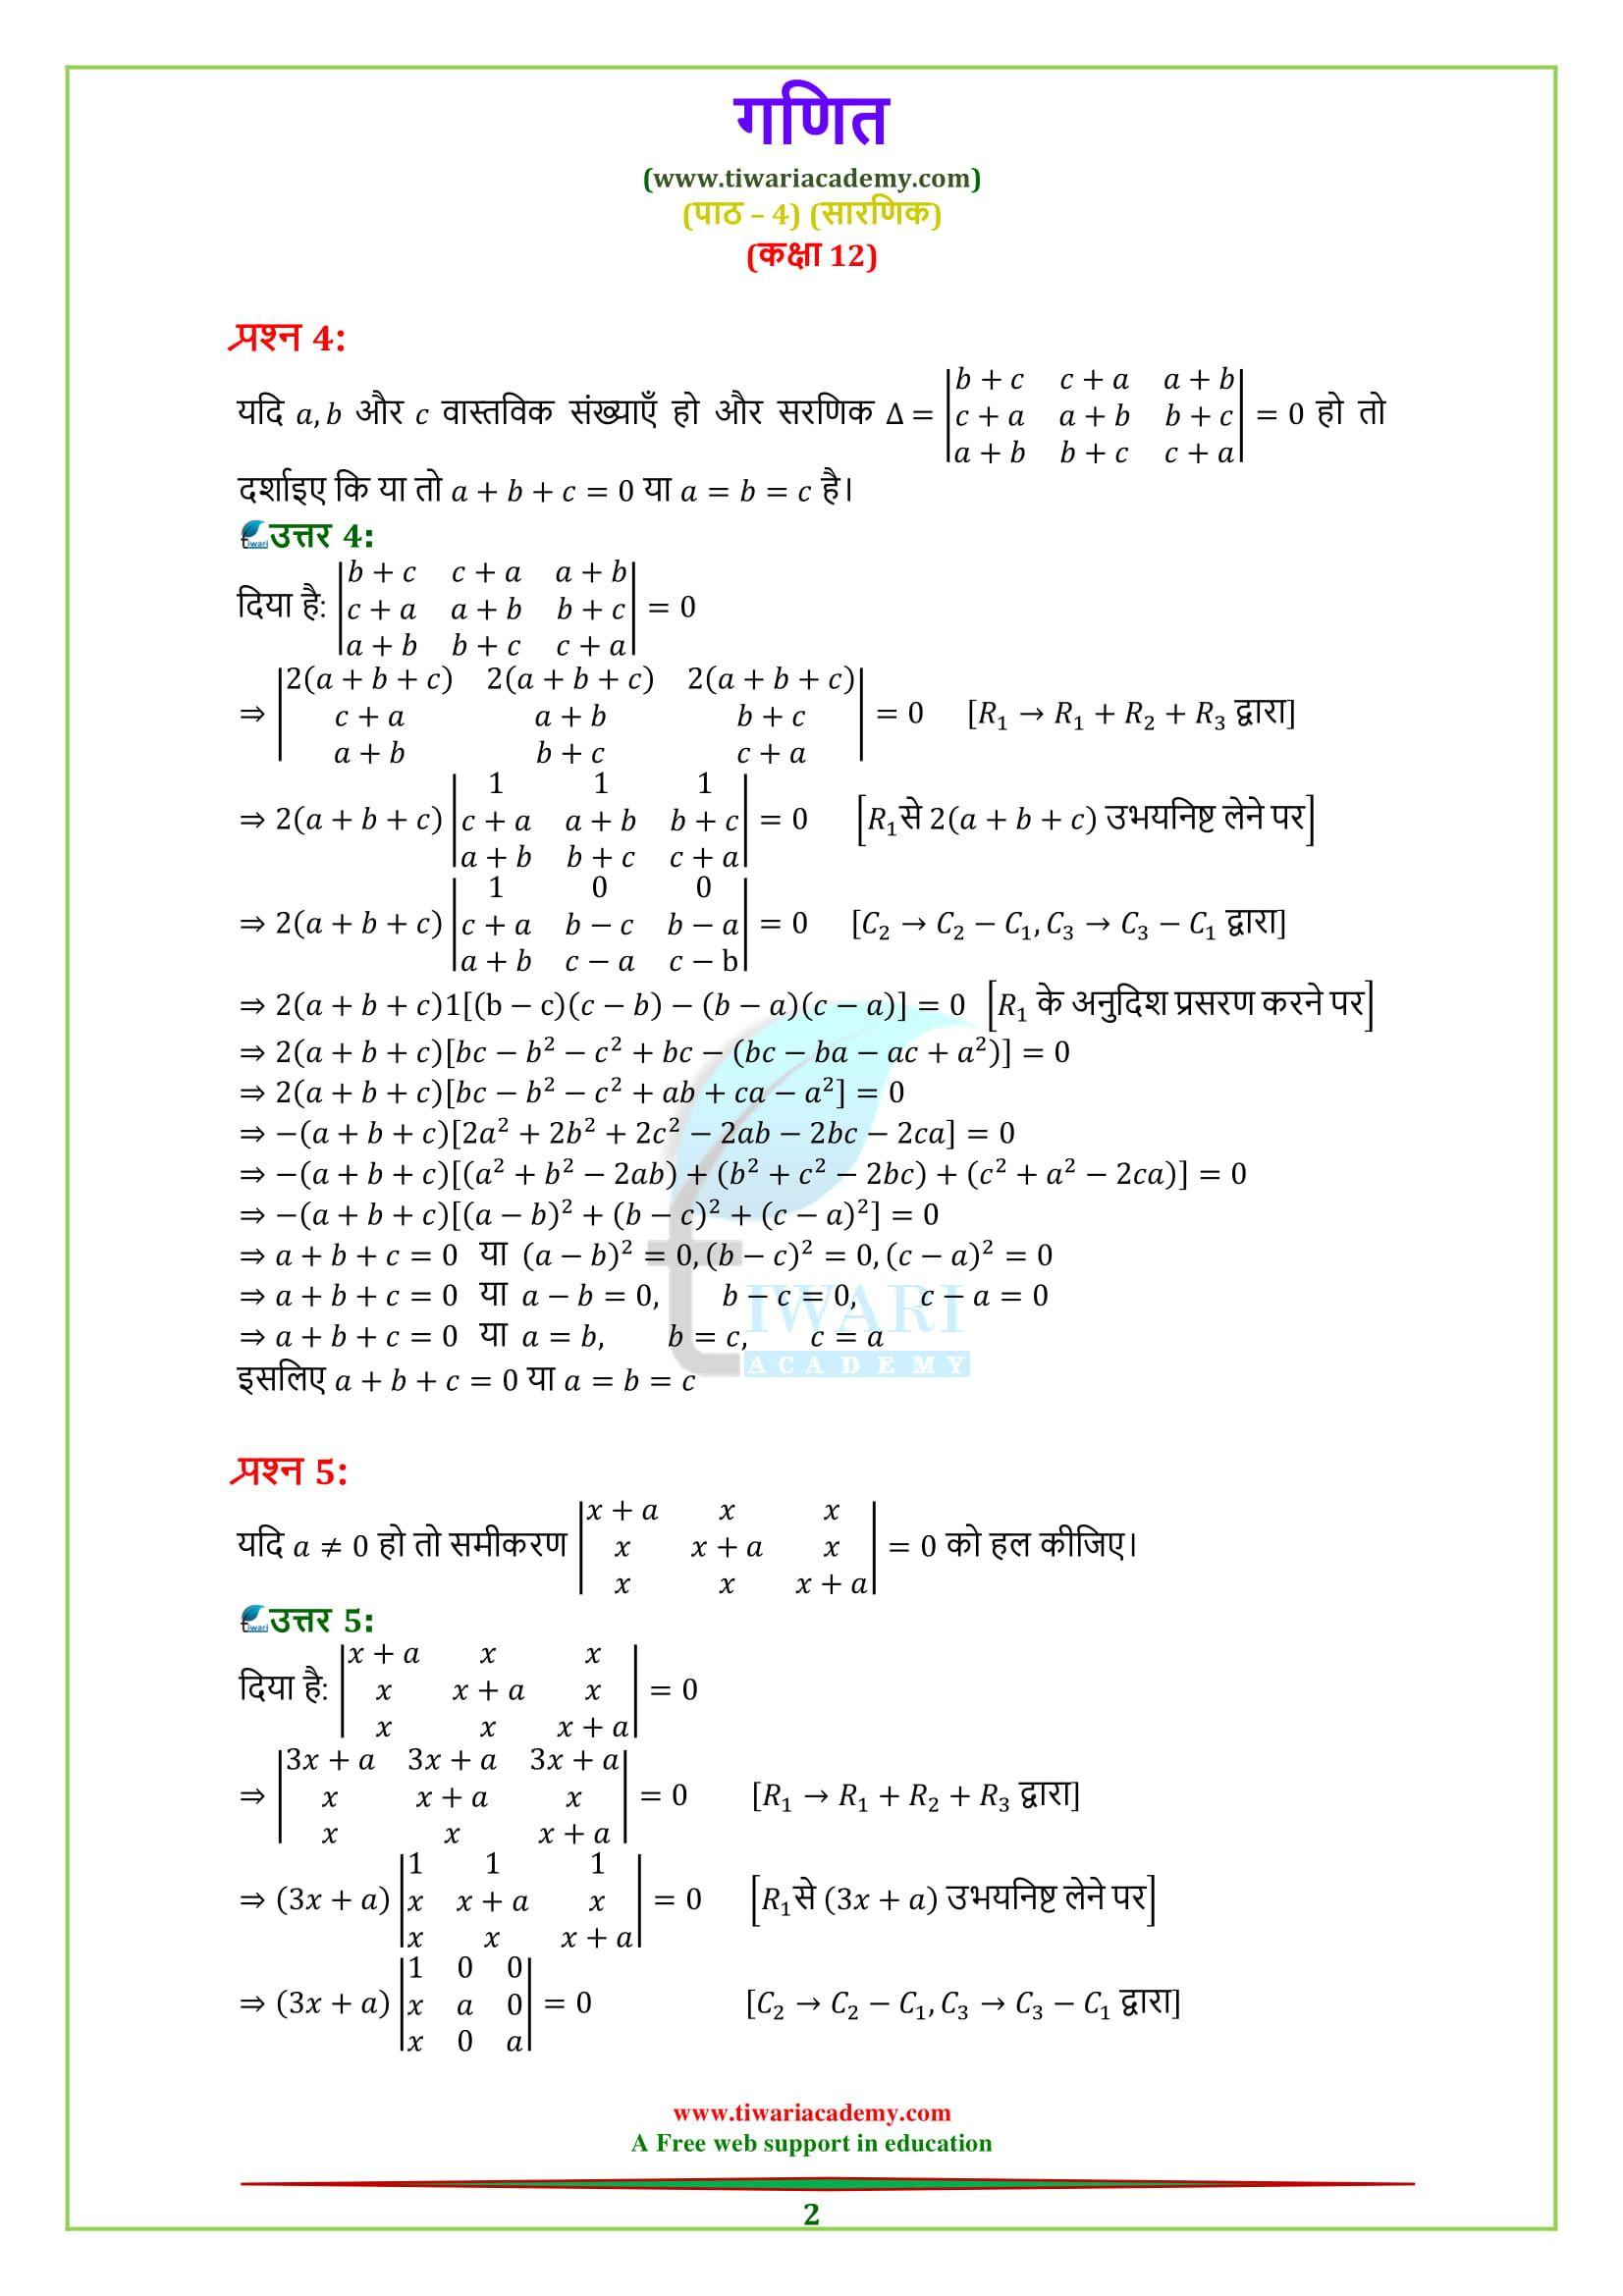 Maths In Hindi Medium In 2021 Class 12 Maths 12th Maths Math [ 2339 x 1653 Pixel ]